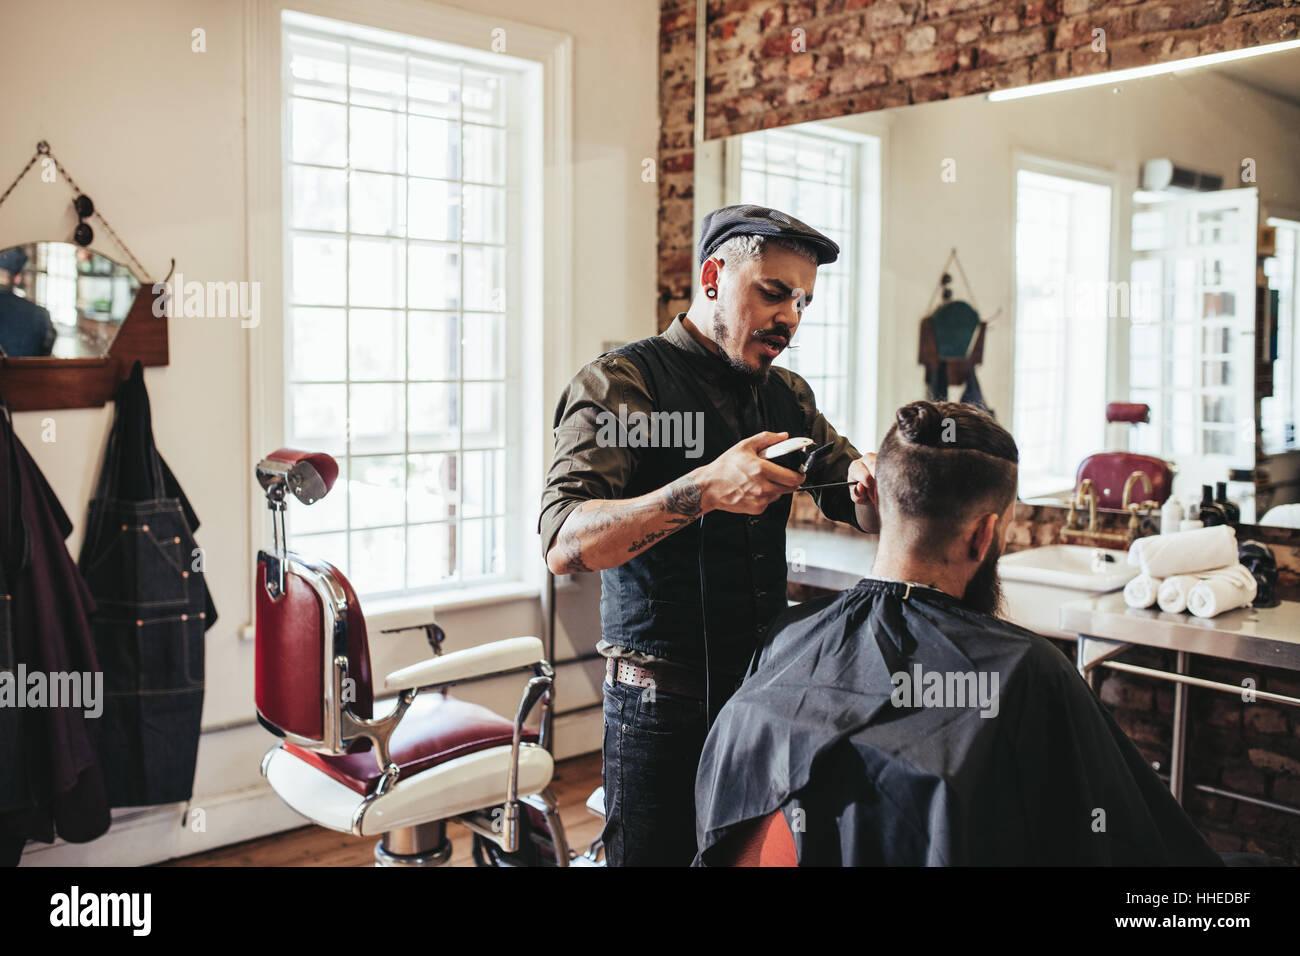 Hairstylist servant client en beauté. Jeune homme se coupe de la mode au salon de coiffure. Photo Stock